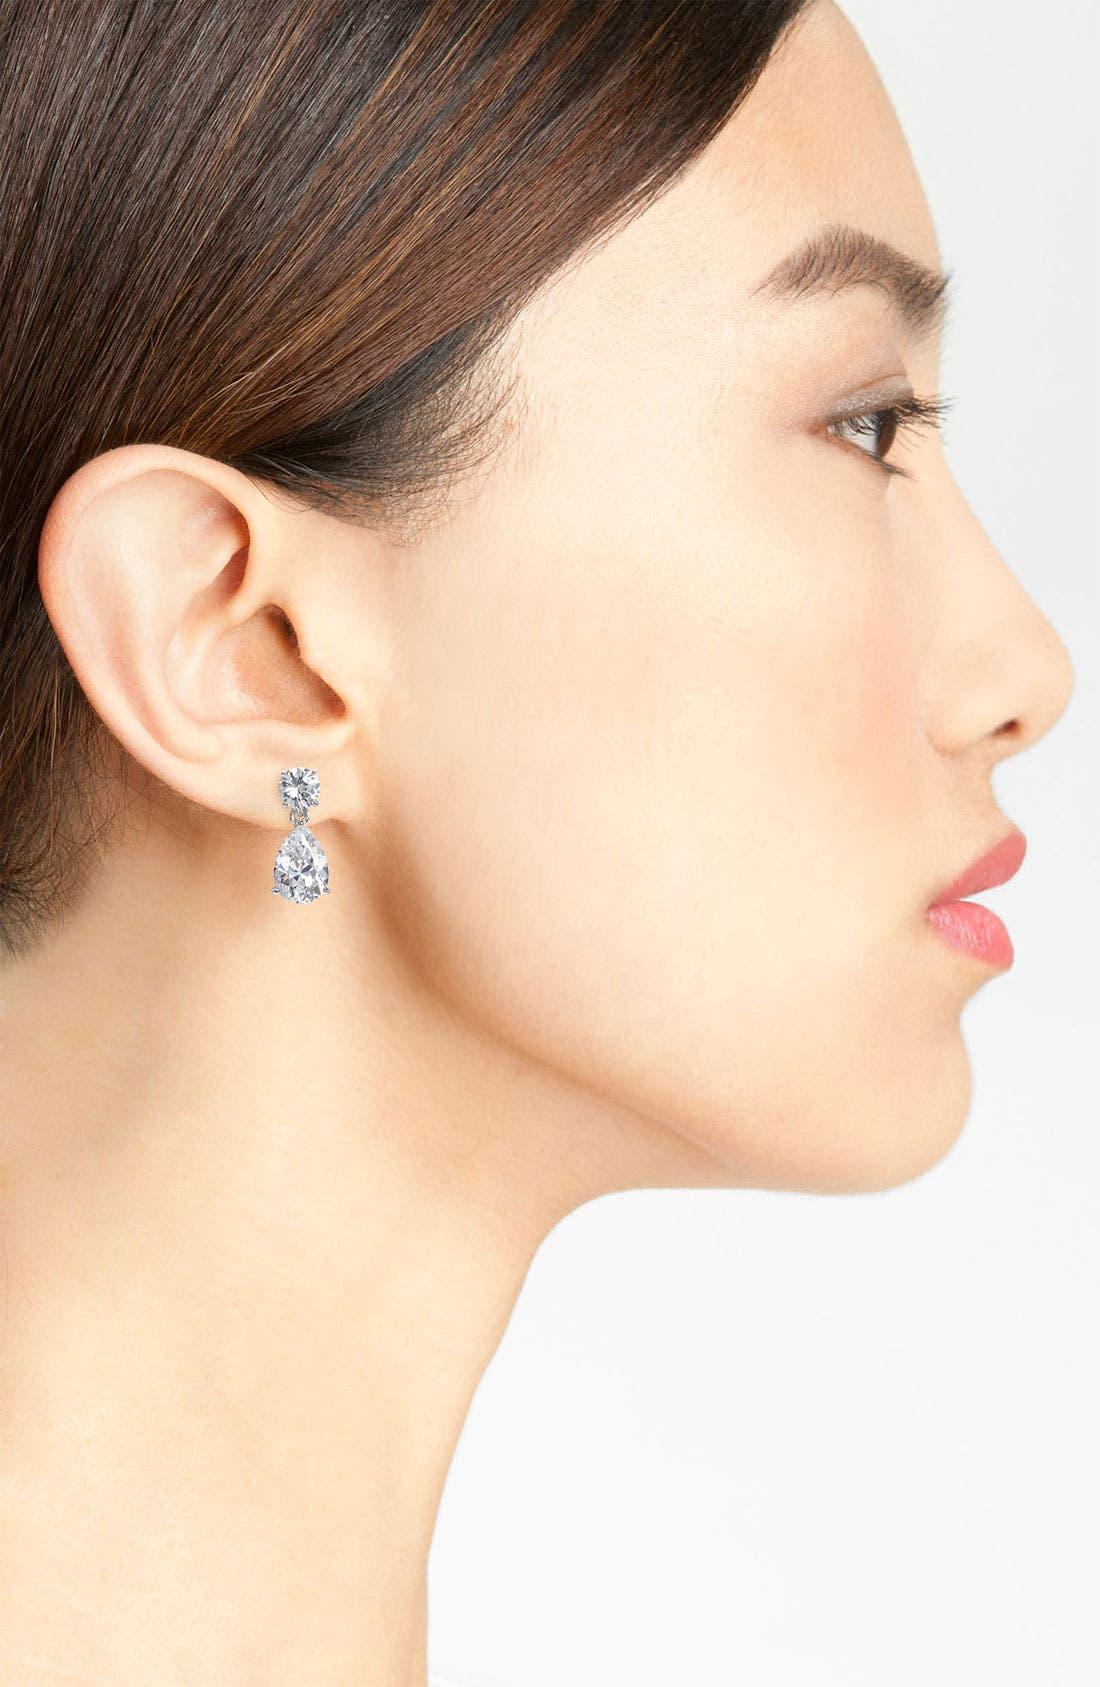 Cubic Zirconia Teardrop Earrings,                             Alternate thumbnail 2, color,                             Silver/ Clear Cz